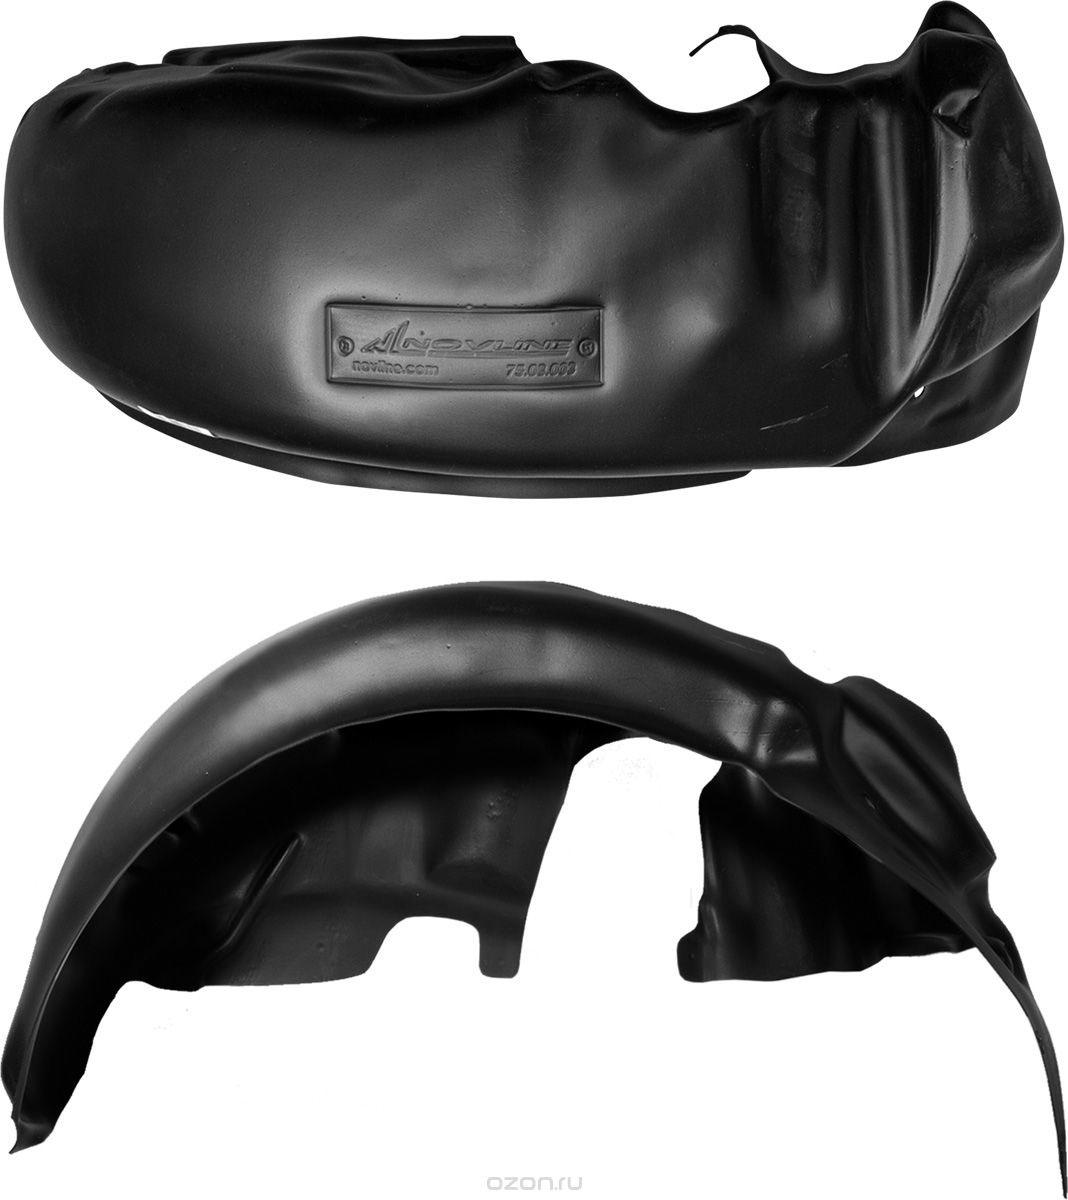 Подкрылок Novline-Autofamily, для HYUNDAI Tucson, 11/2015->, кроссовер, задний правыйNLL.20.45.004Идеальная защита колесной ниши. Локеры разработаны с применением цифровых технологий, гарантируют максимальную повторяемость поверхности арки. Изделия устанавливаются без нарушения лакокрасочного покрытия автомобиля, каждый подкрылок комплектуется крепежом. Уважаемые клиенты, обращаем ваше внимание, что фотографии на подкрылки универсальные и не отражают реальную форму изделия. При этом само изделие идет точно под размер указанного автомобиля.